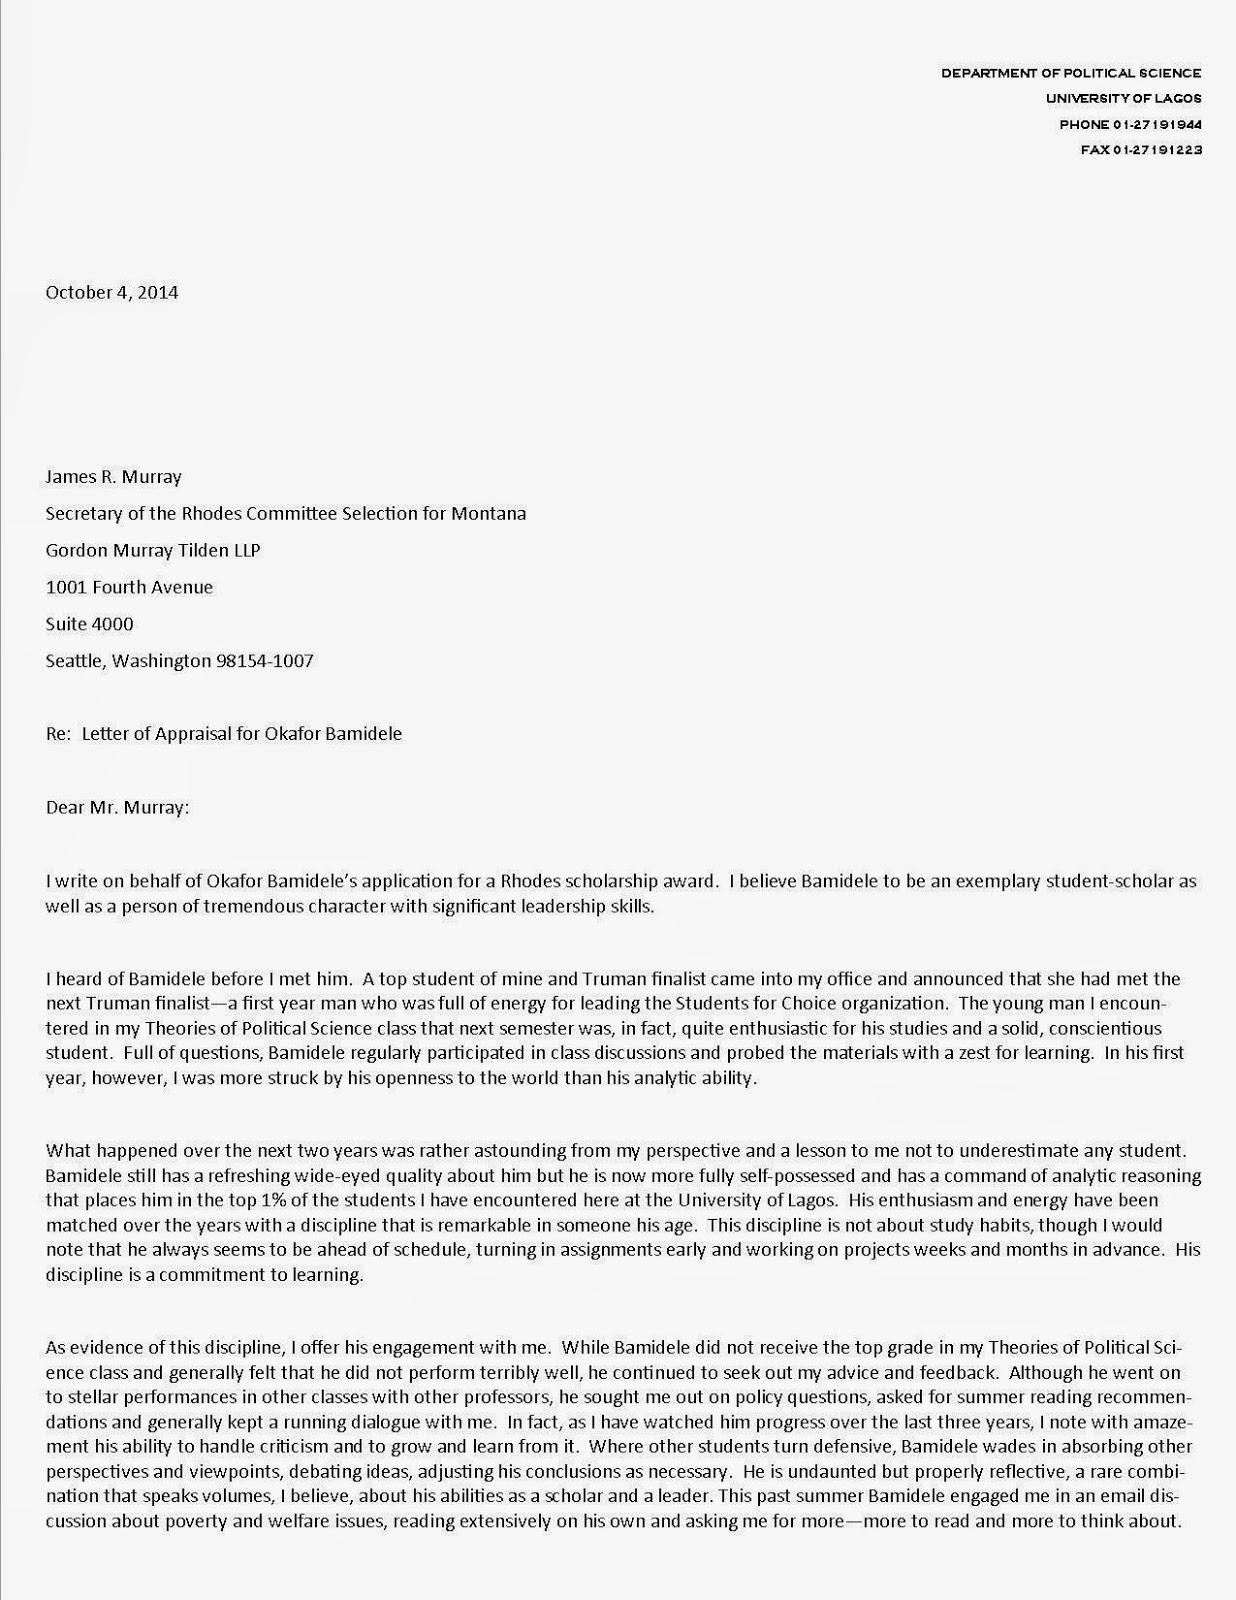 recommendation letter for art scholarship cover letter resume recommendation letter for art scholarship sample scholarship recommendation letter lovetoknow student scholarship letter sample recommendation letter